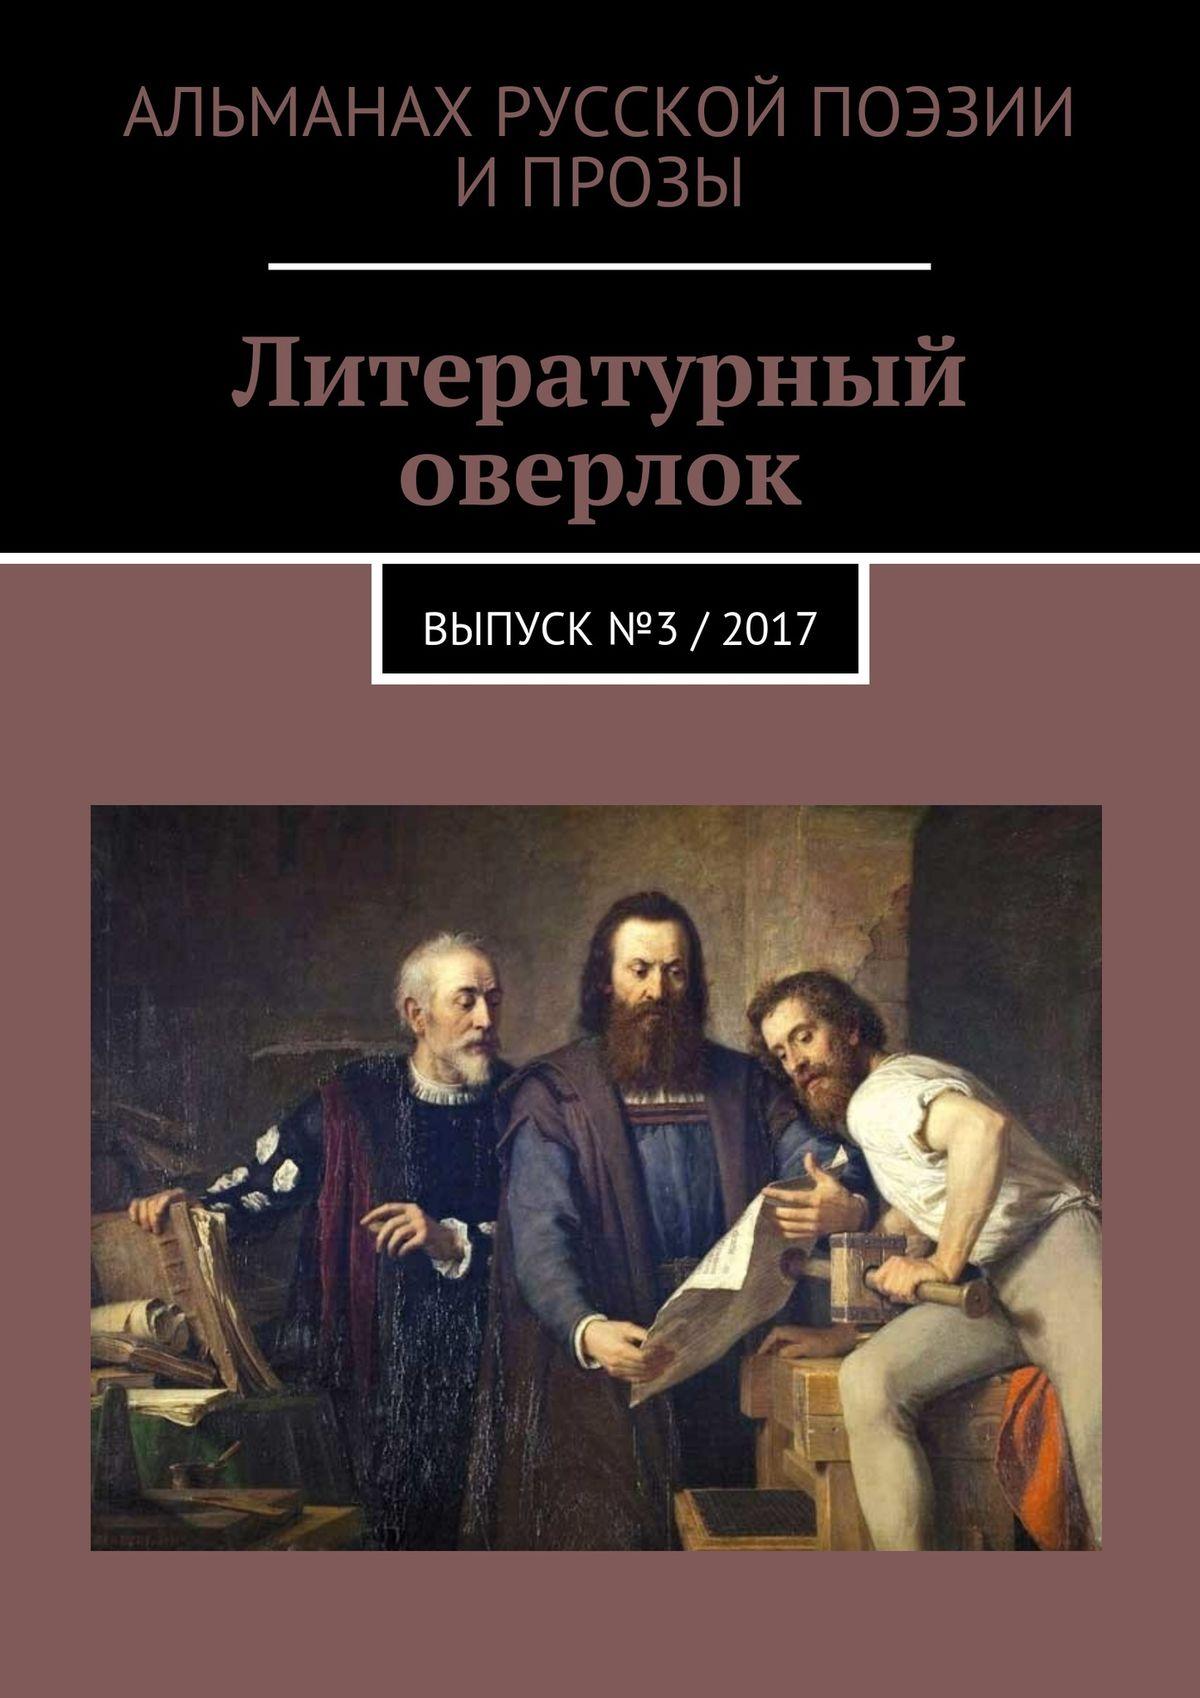 Литературный оверлок. Выпуск №3/ 2017